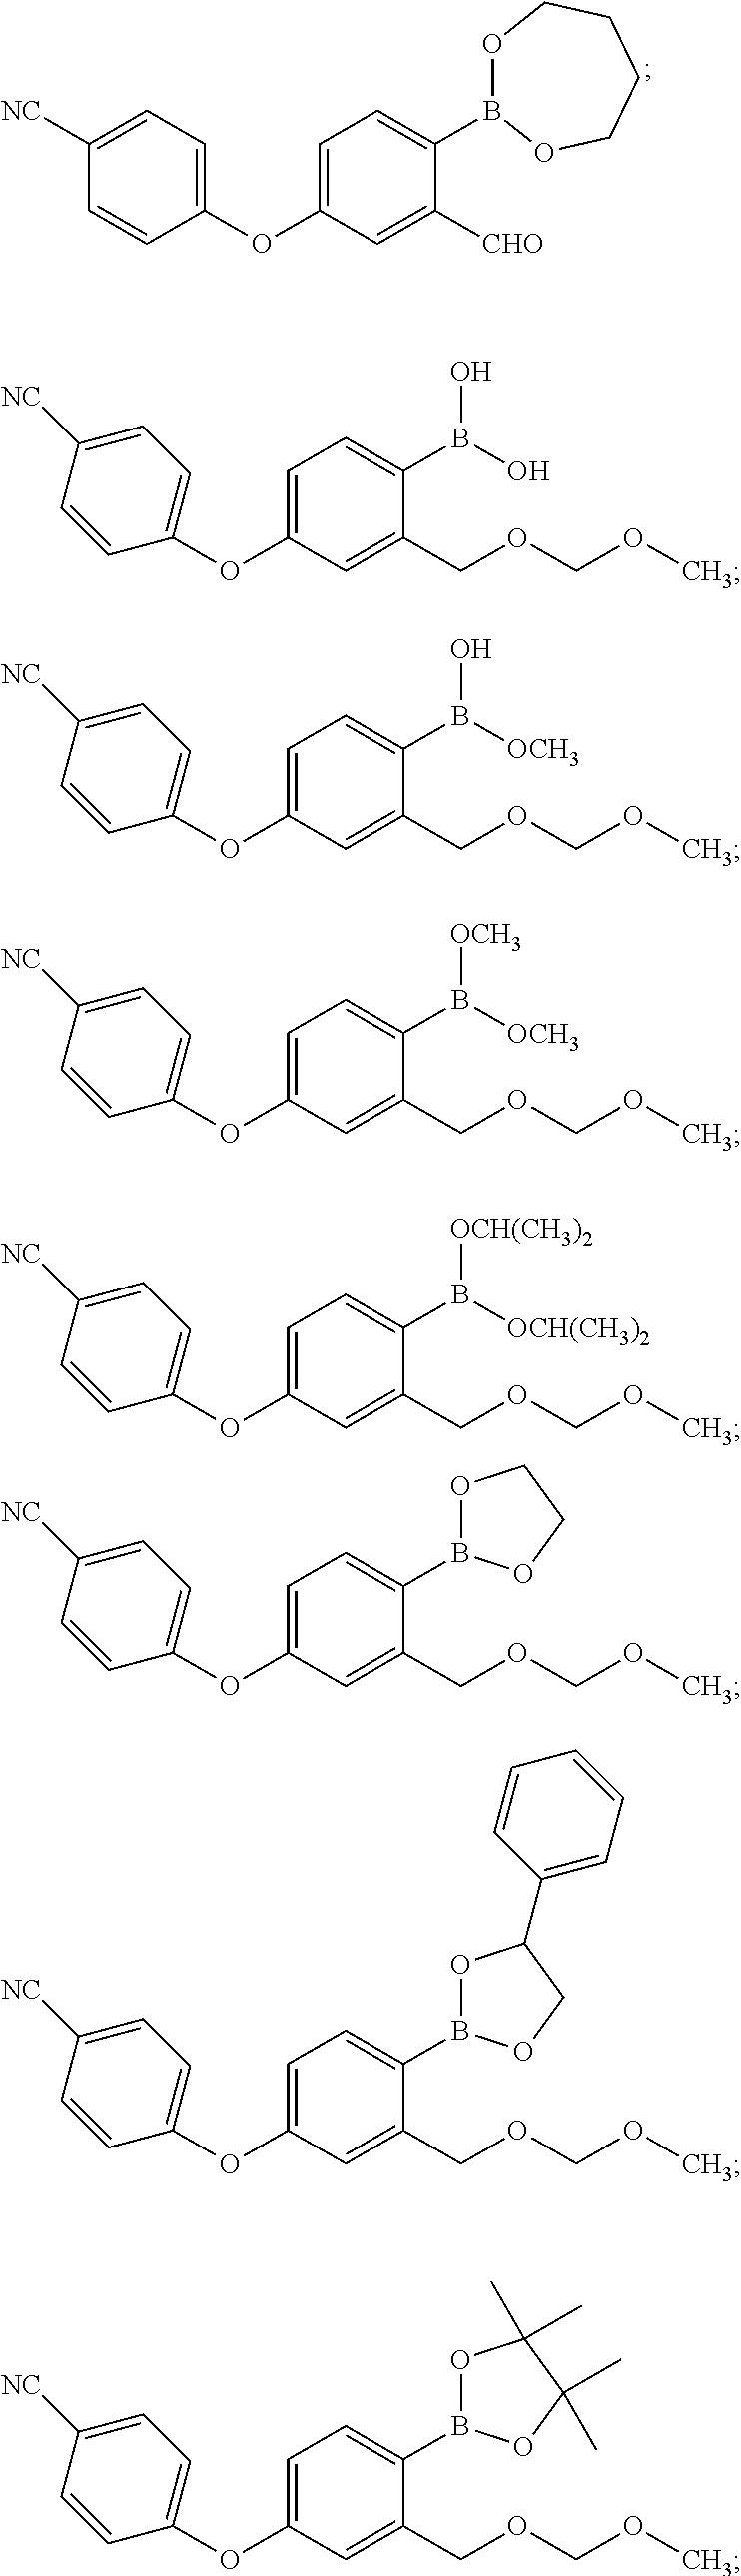 Figure US09566289-20170214-C00095